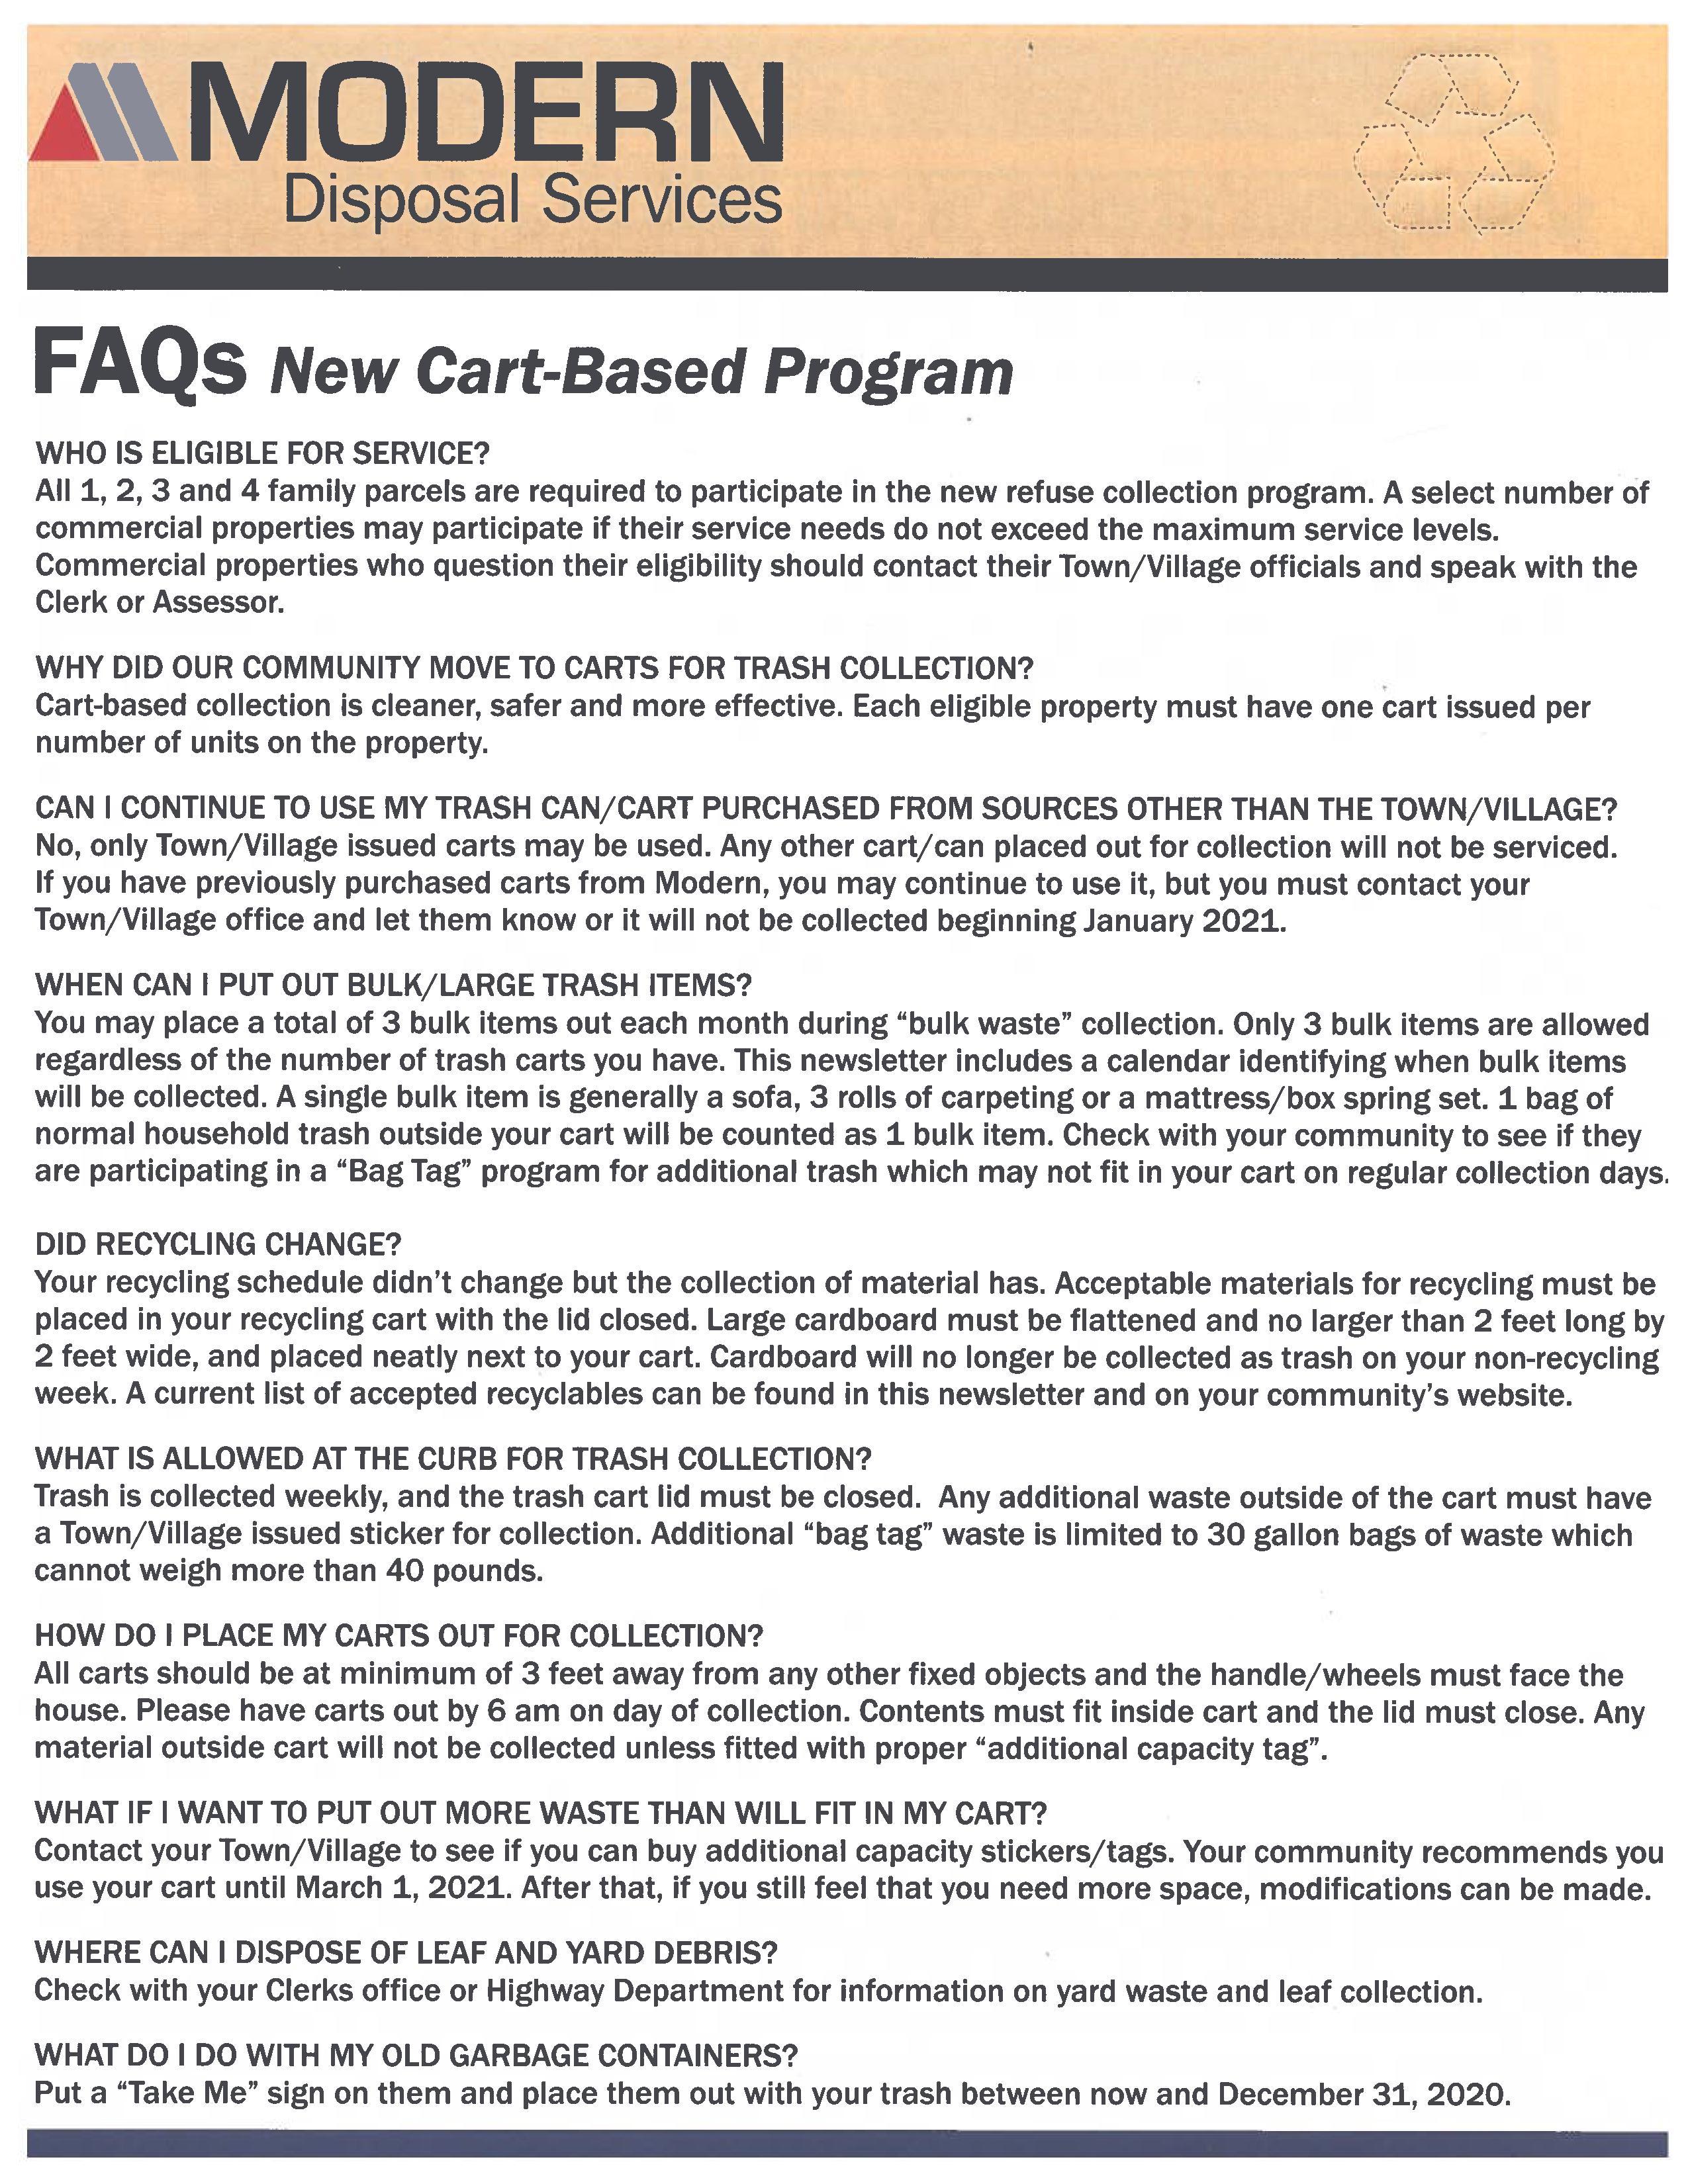 FAQ's New Cart Based Program